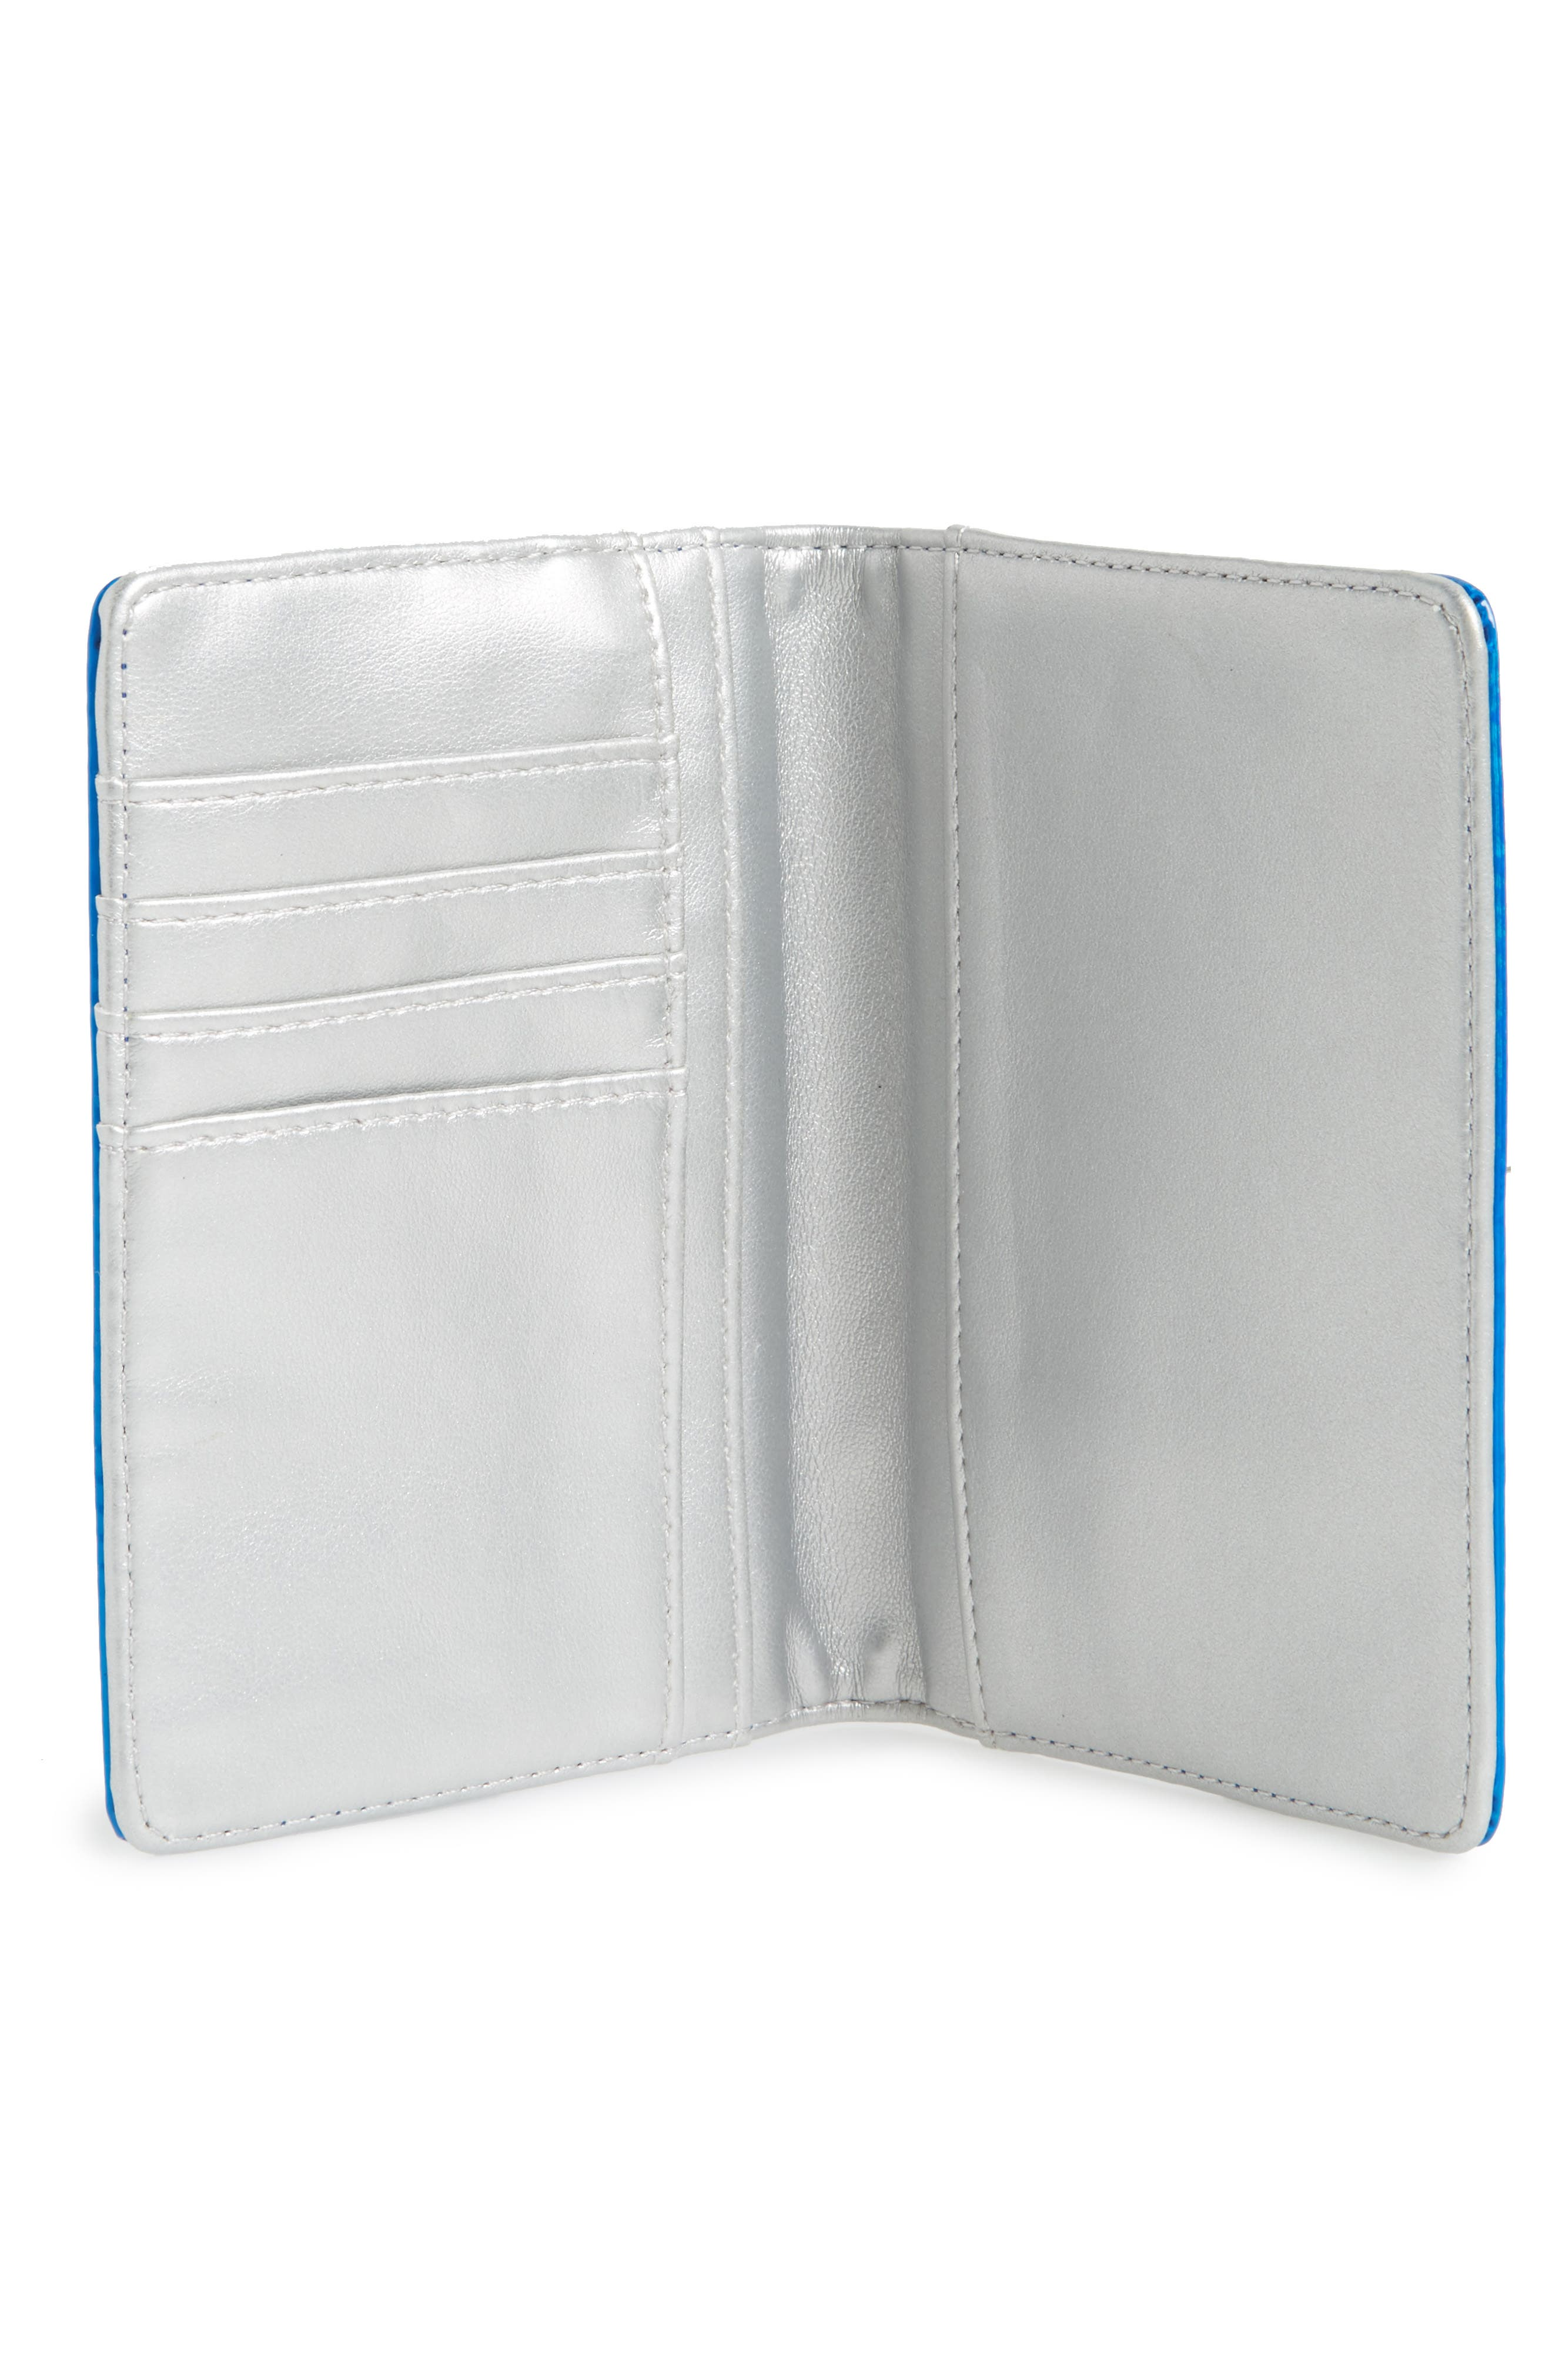 Passport Holder,                             Alternate thumbnail 2, color,                             401